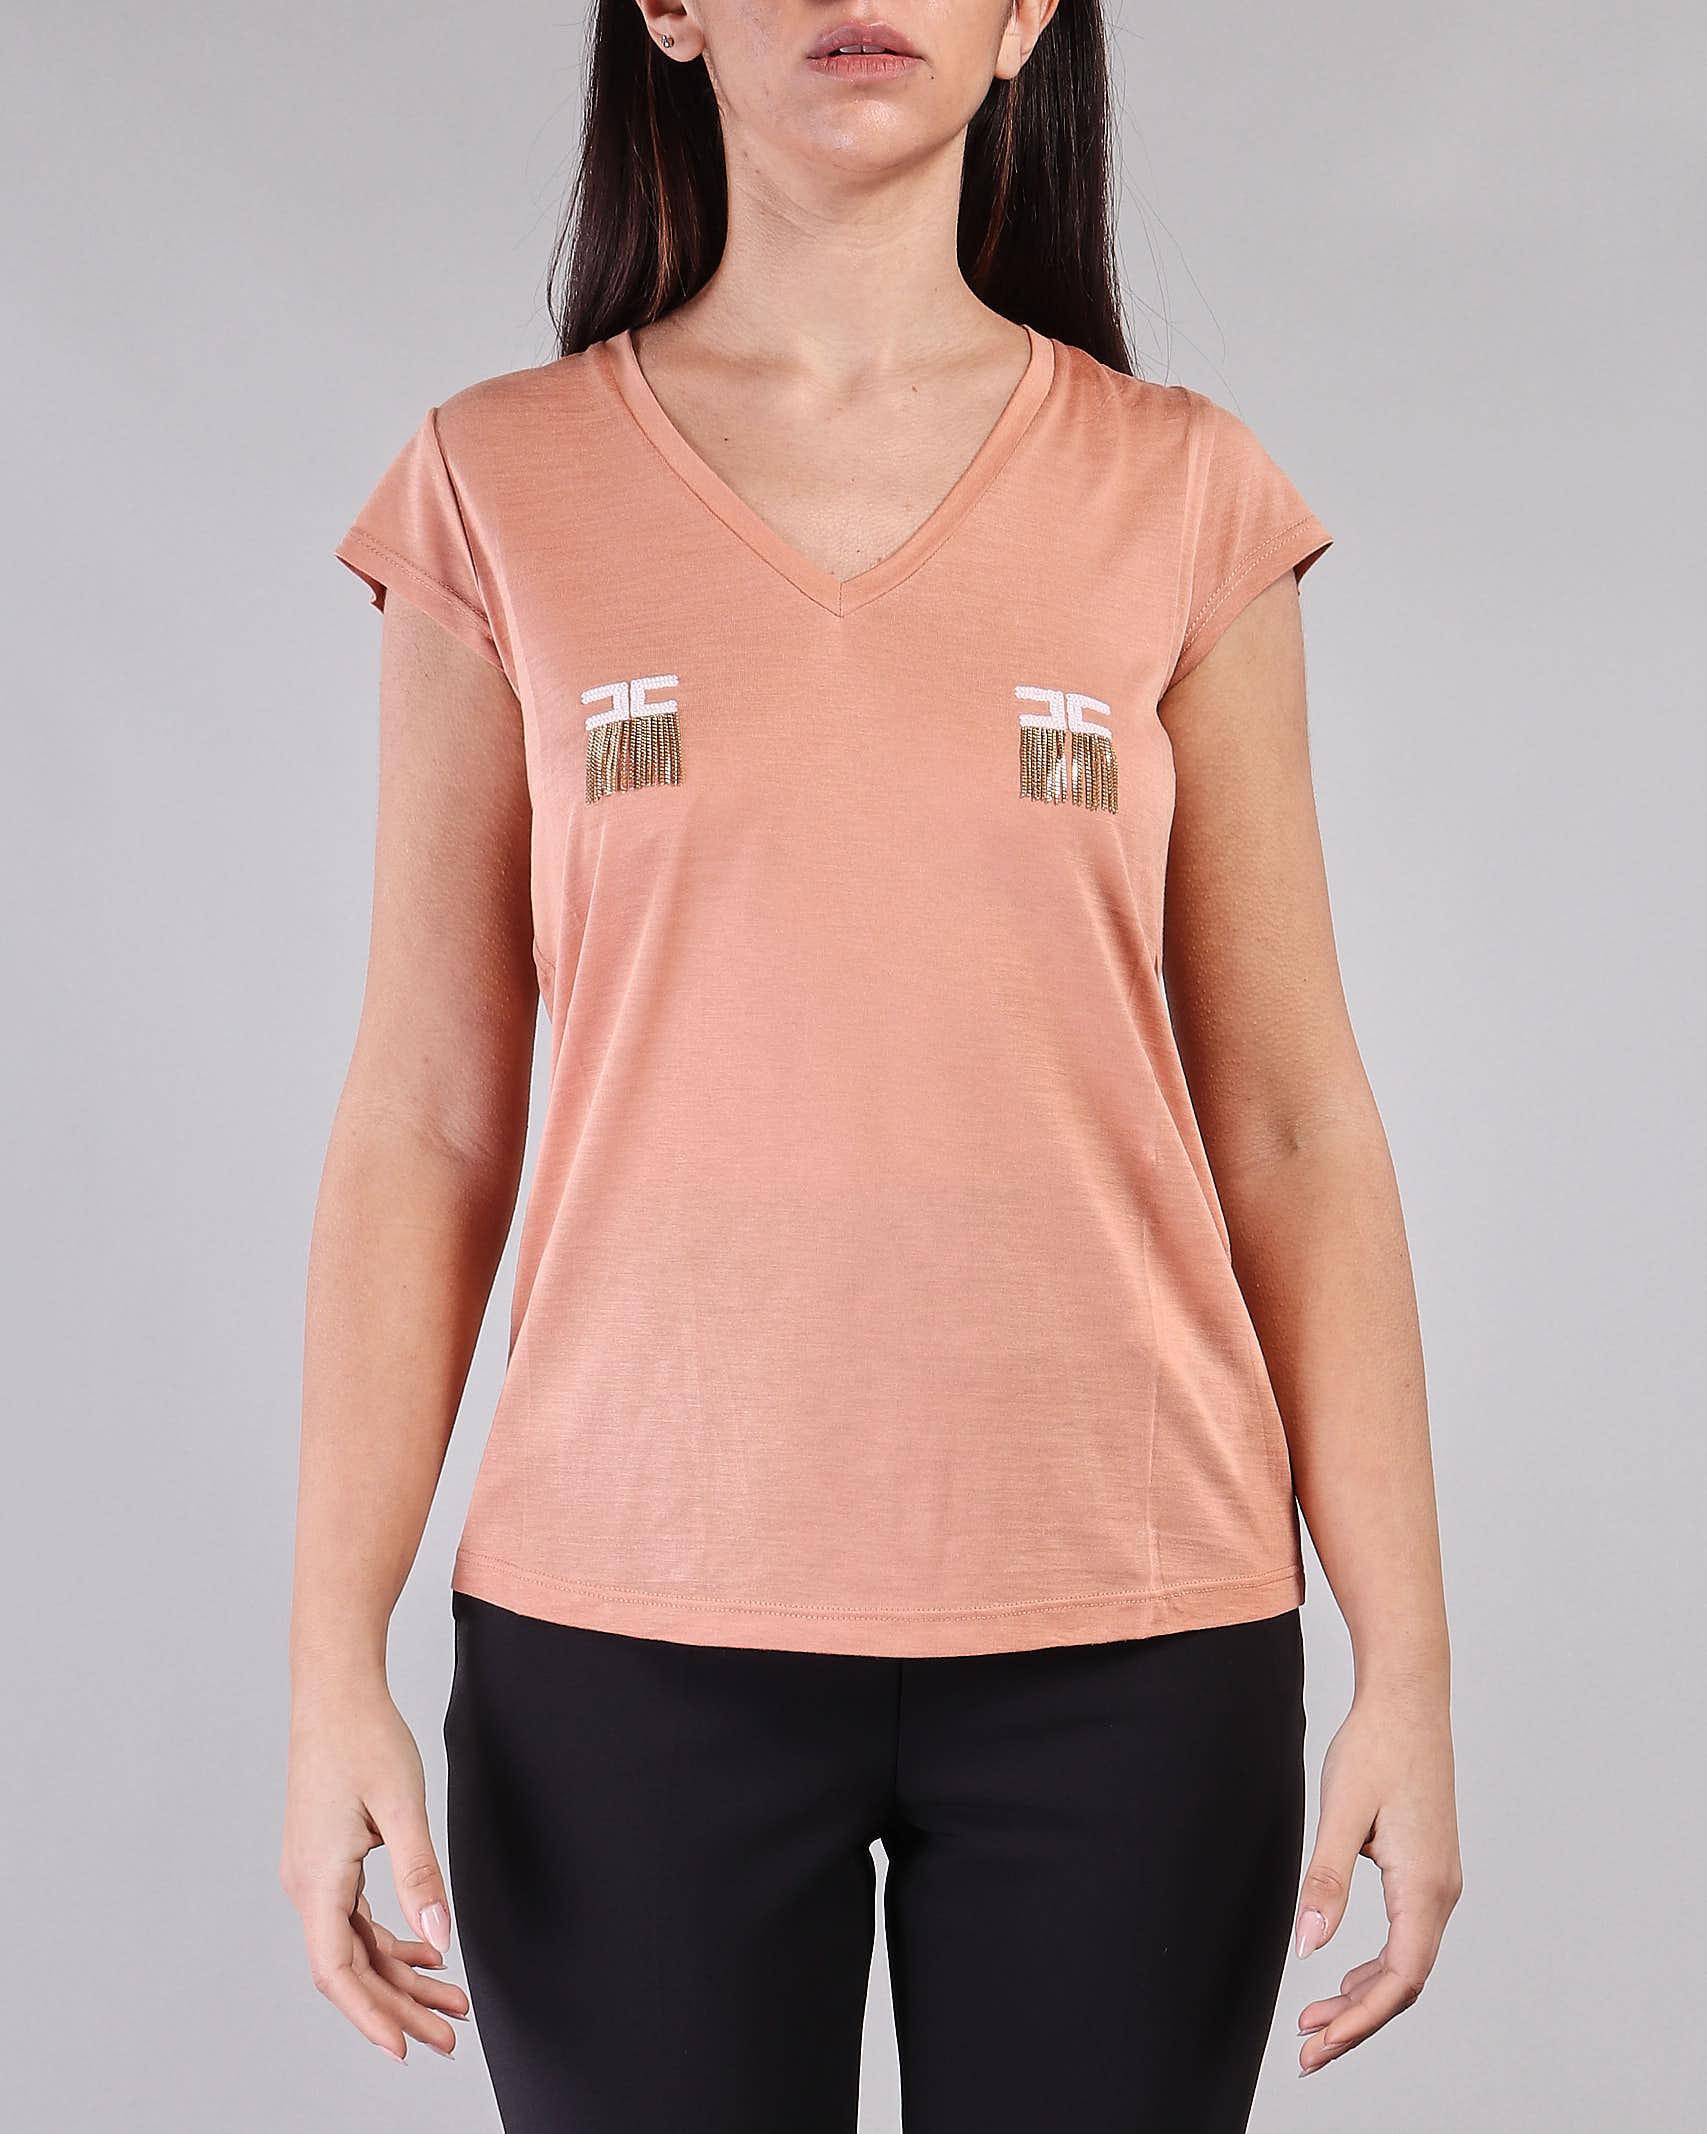 T-shirt manica corta con logo e micro catene Elisabetta Franchi ELISABETTA FRANCHI   T-shirt   MA19711E2W71